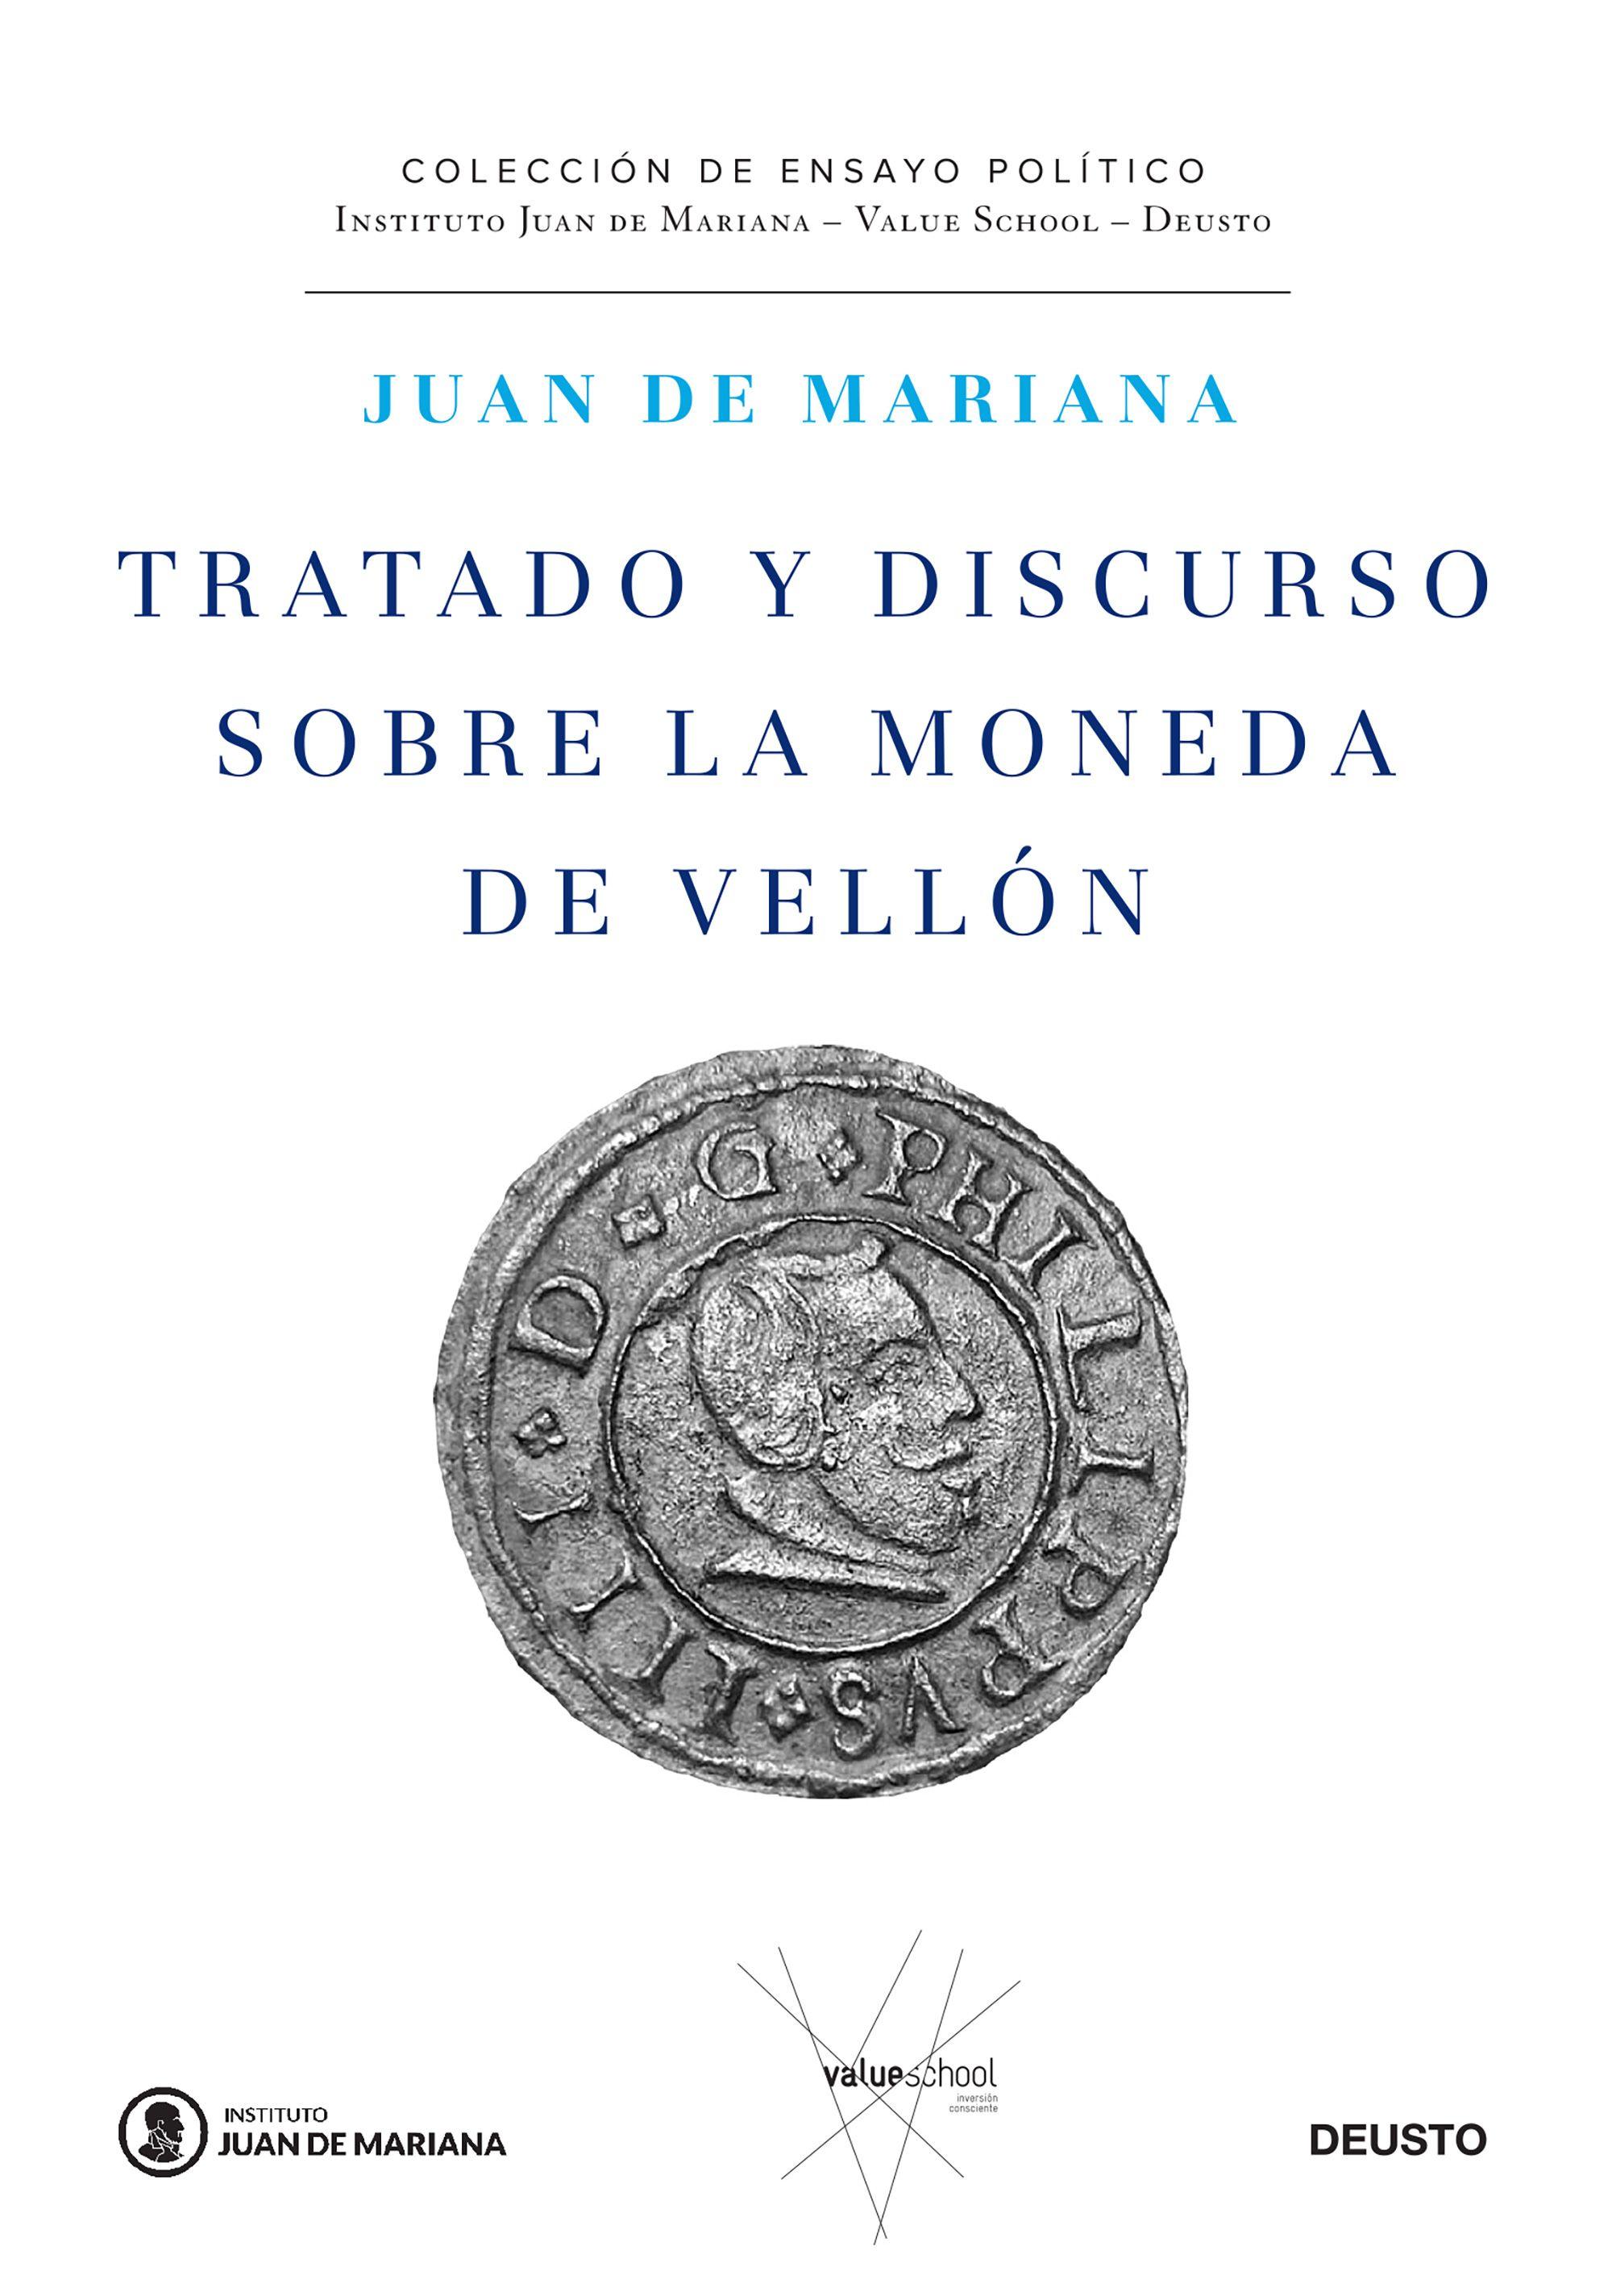 Tratado Y Discurso Sobre La Moneda De Vellon por Juan De Mariana